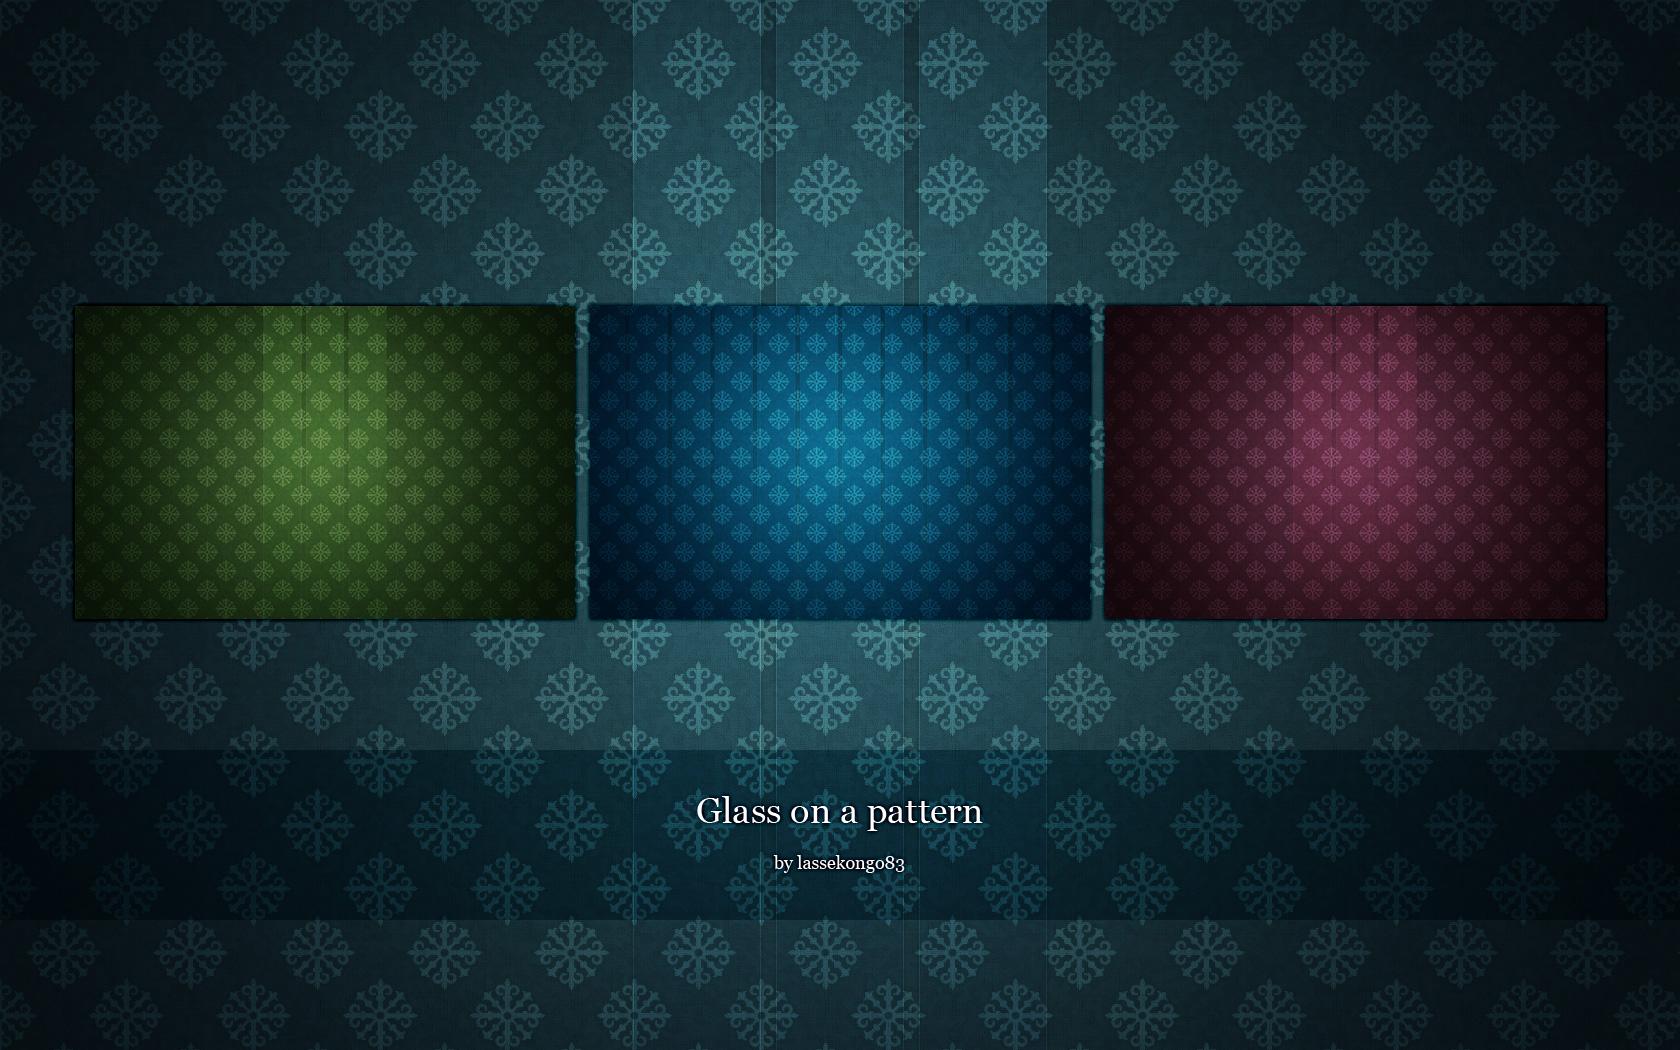 Glass on a pattern by lassekongo83